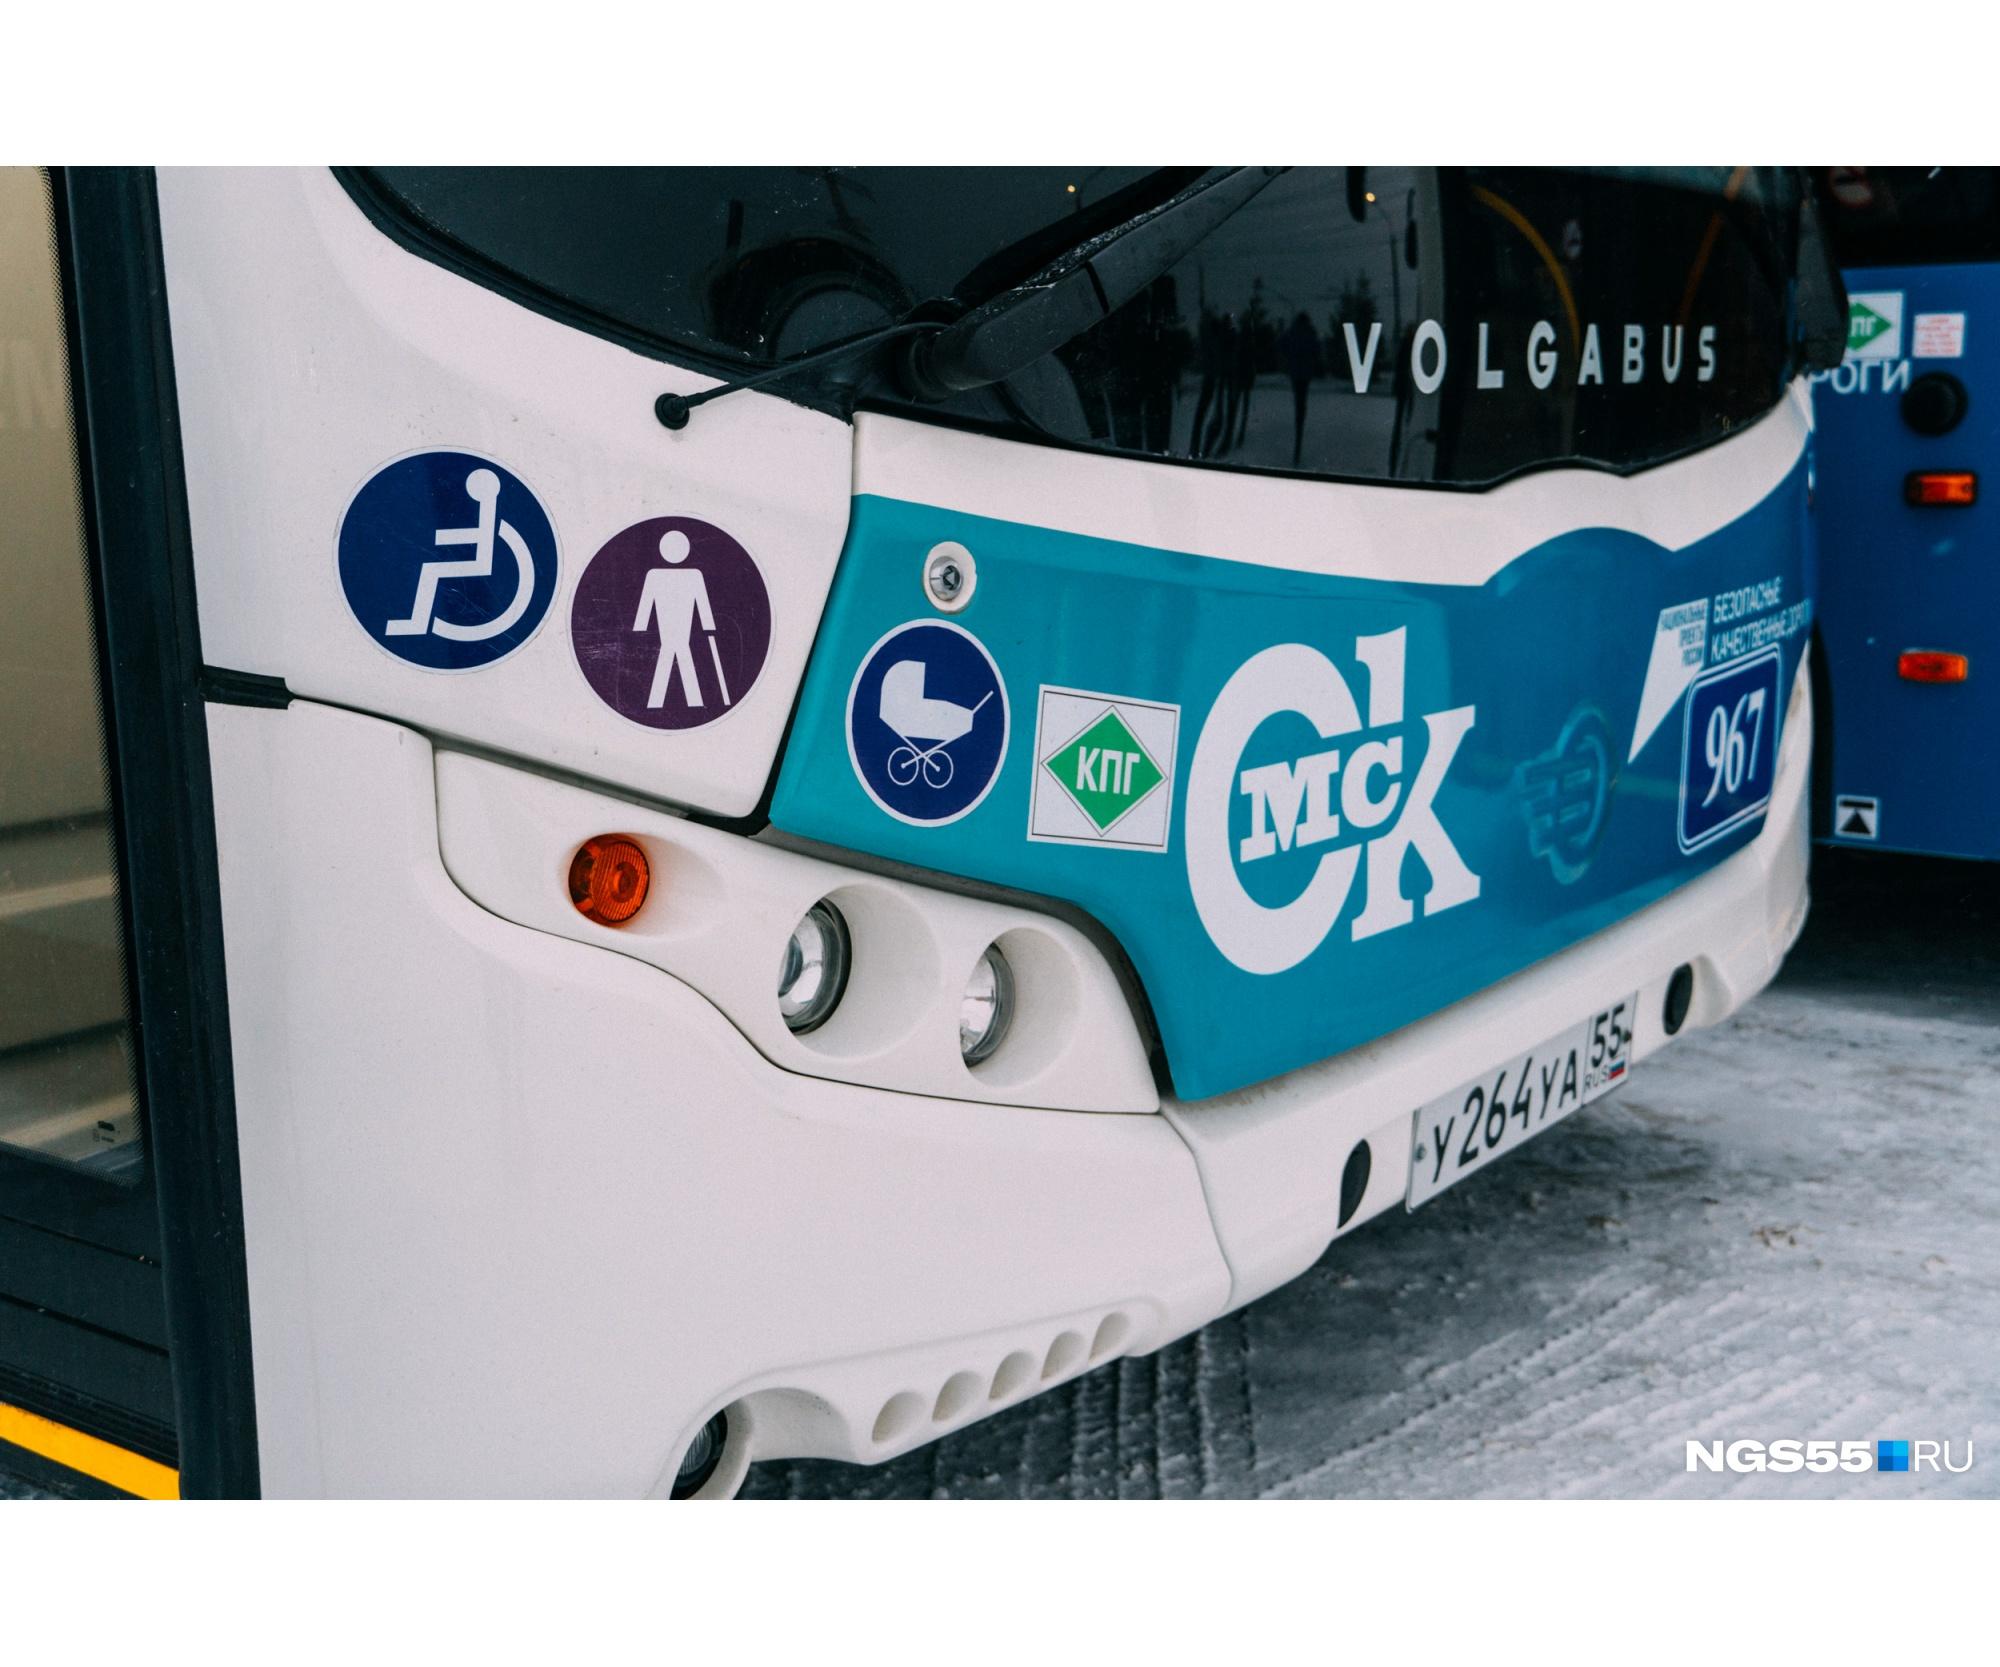 На передней части автобуса — информация обо всех его преимуществах: доступность для инвалидов, пожилых людей и детских колясок, а также работа на компримированном природном газе